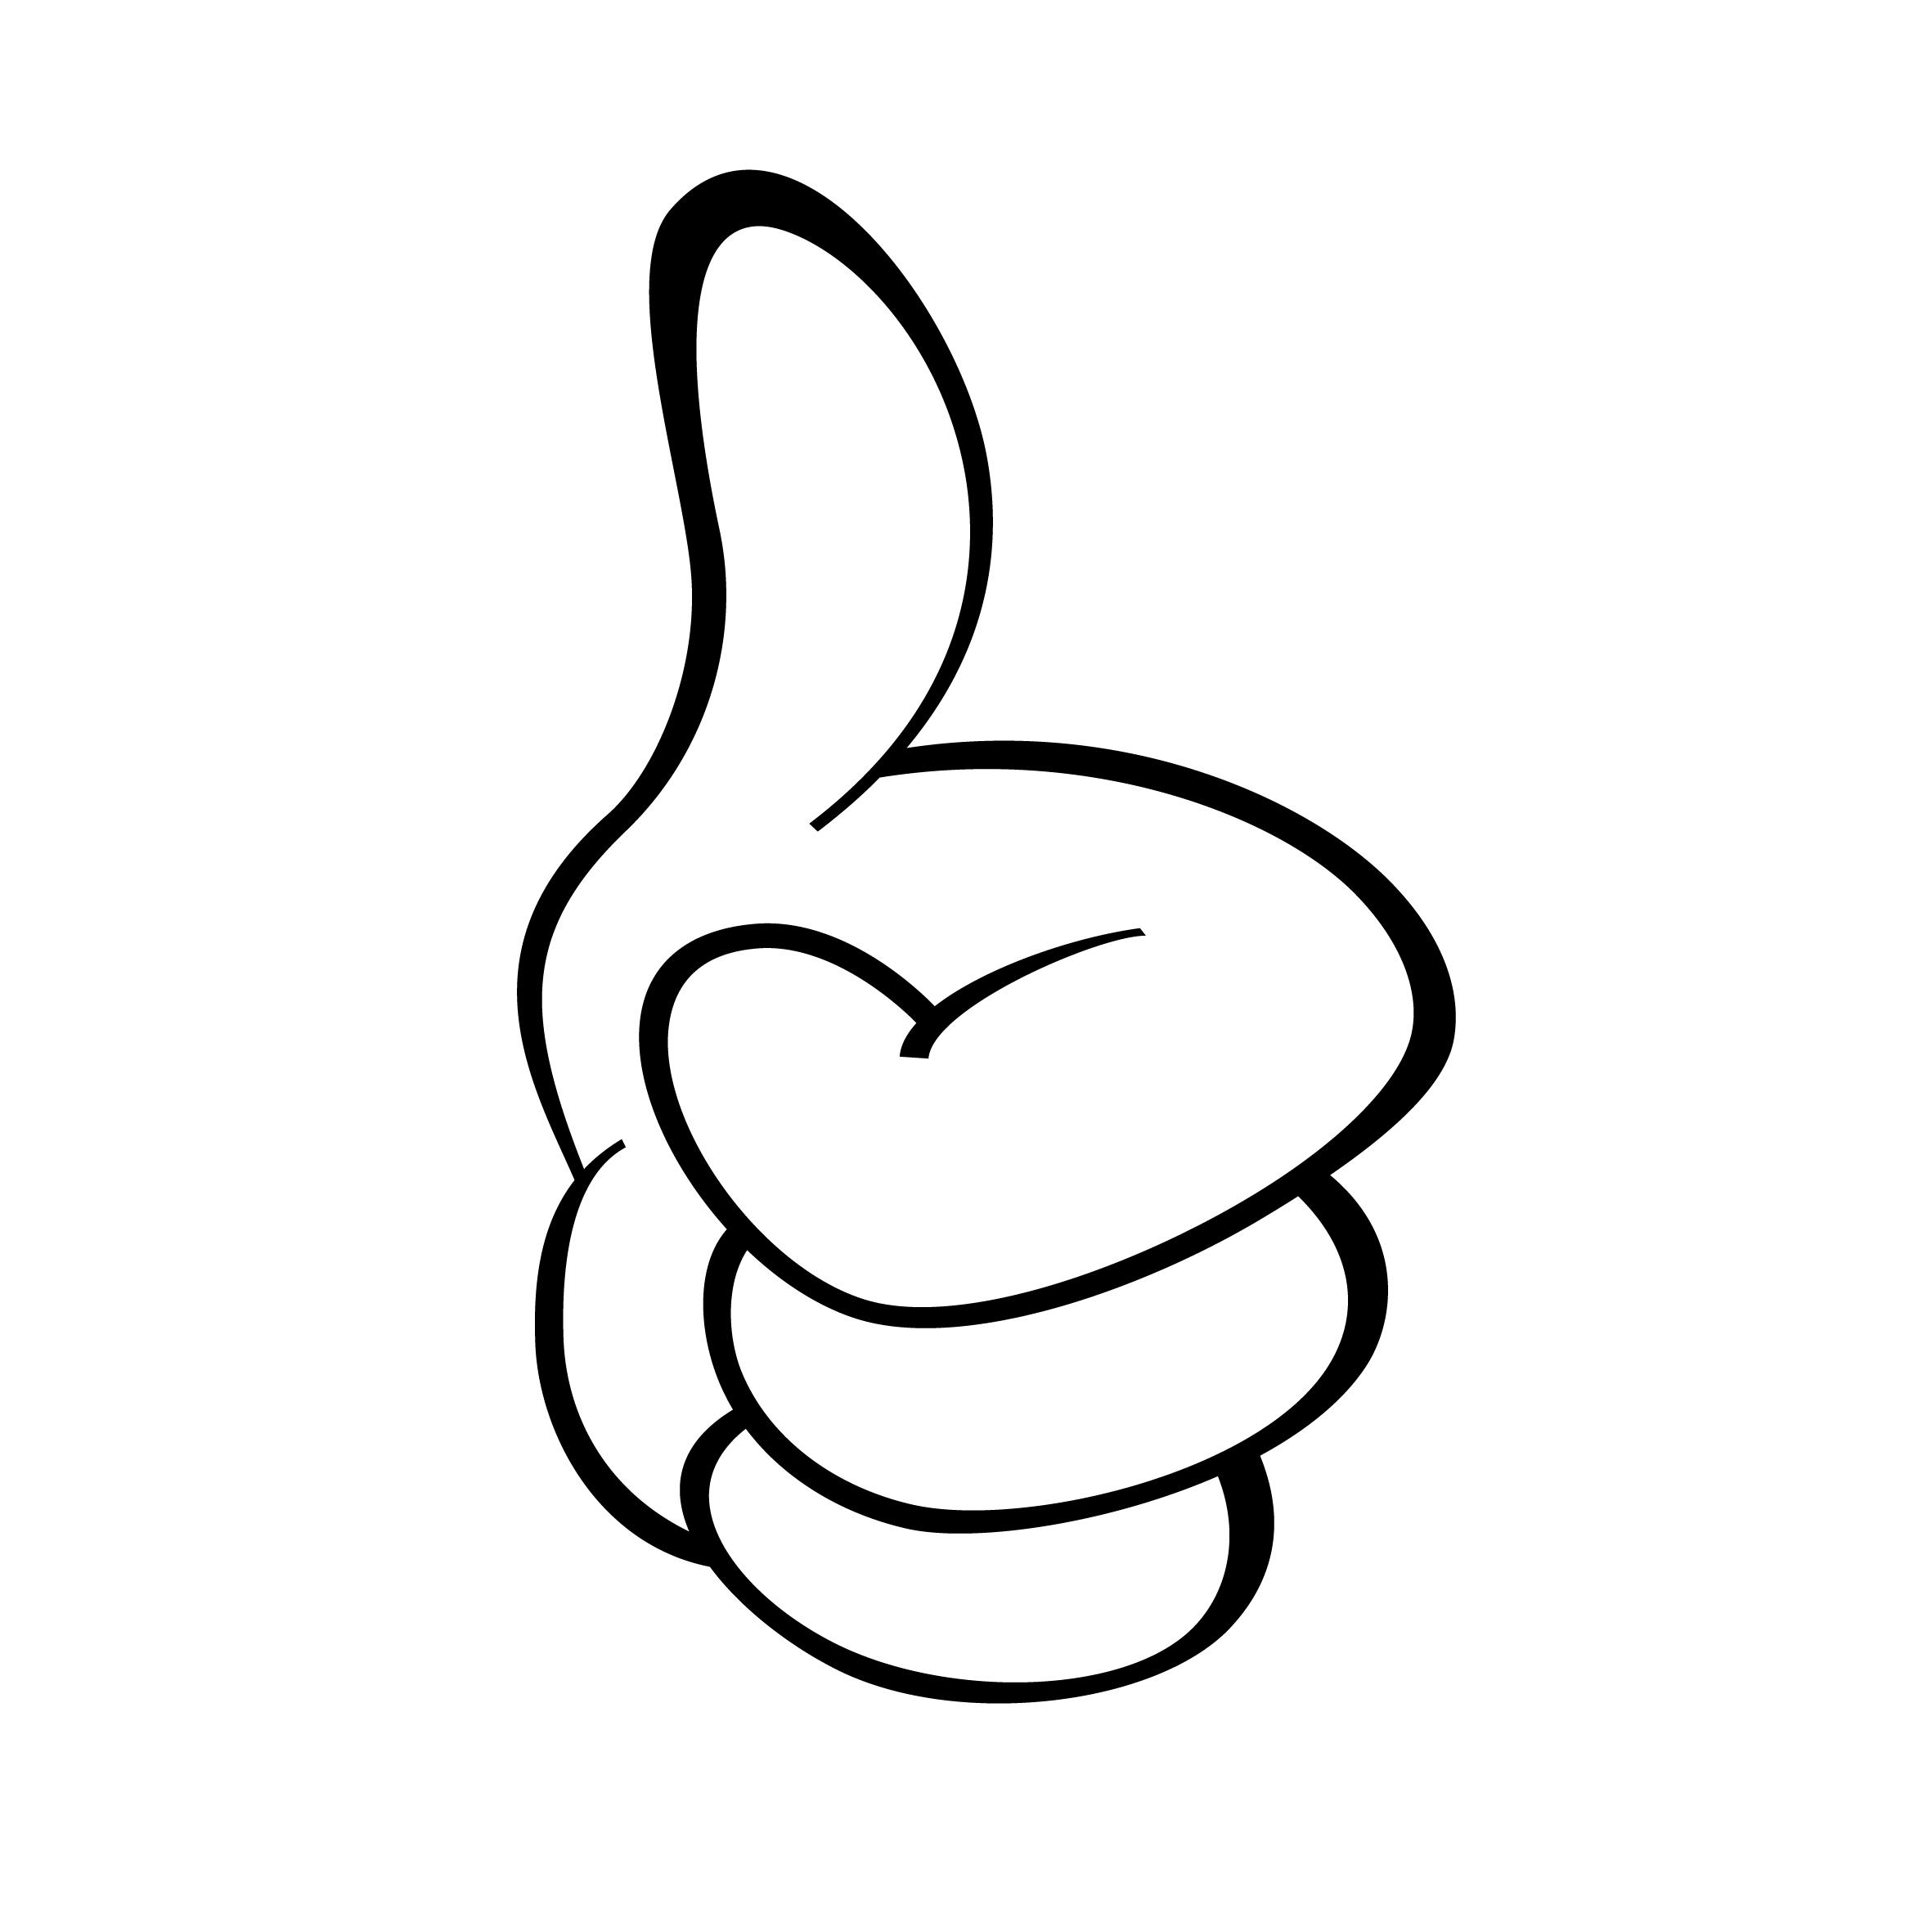 2362x2362 Thumbs Up Thumb Clip Art Clipart 3 3